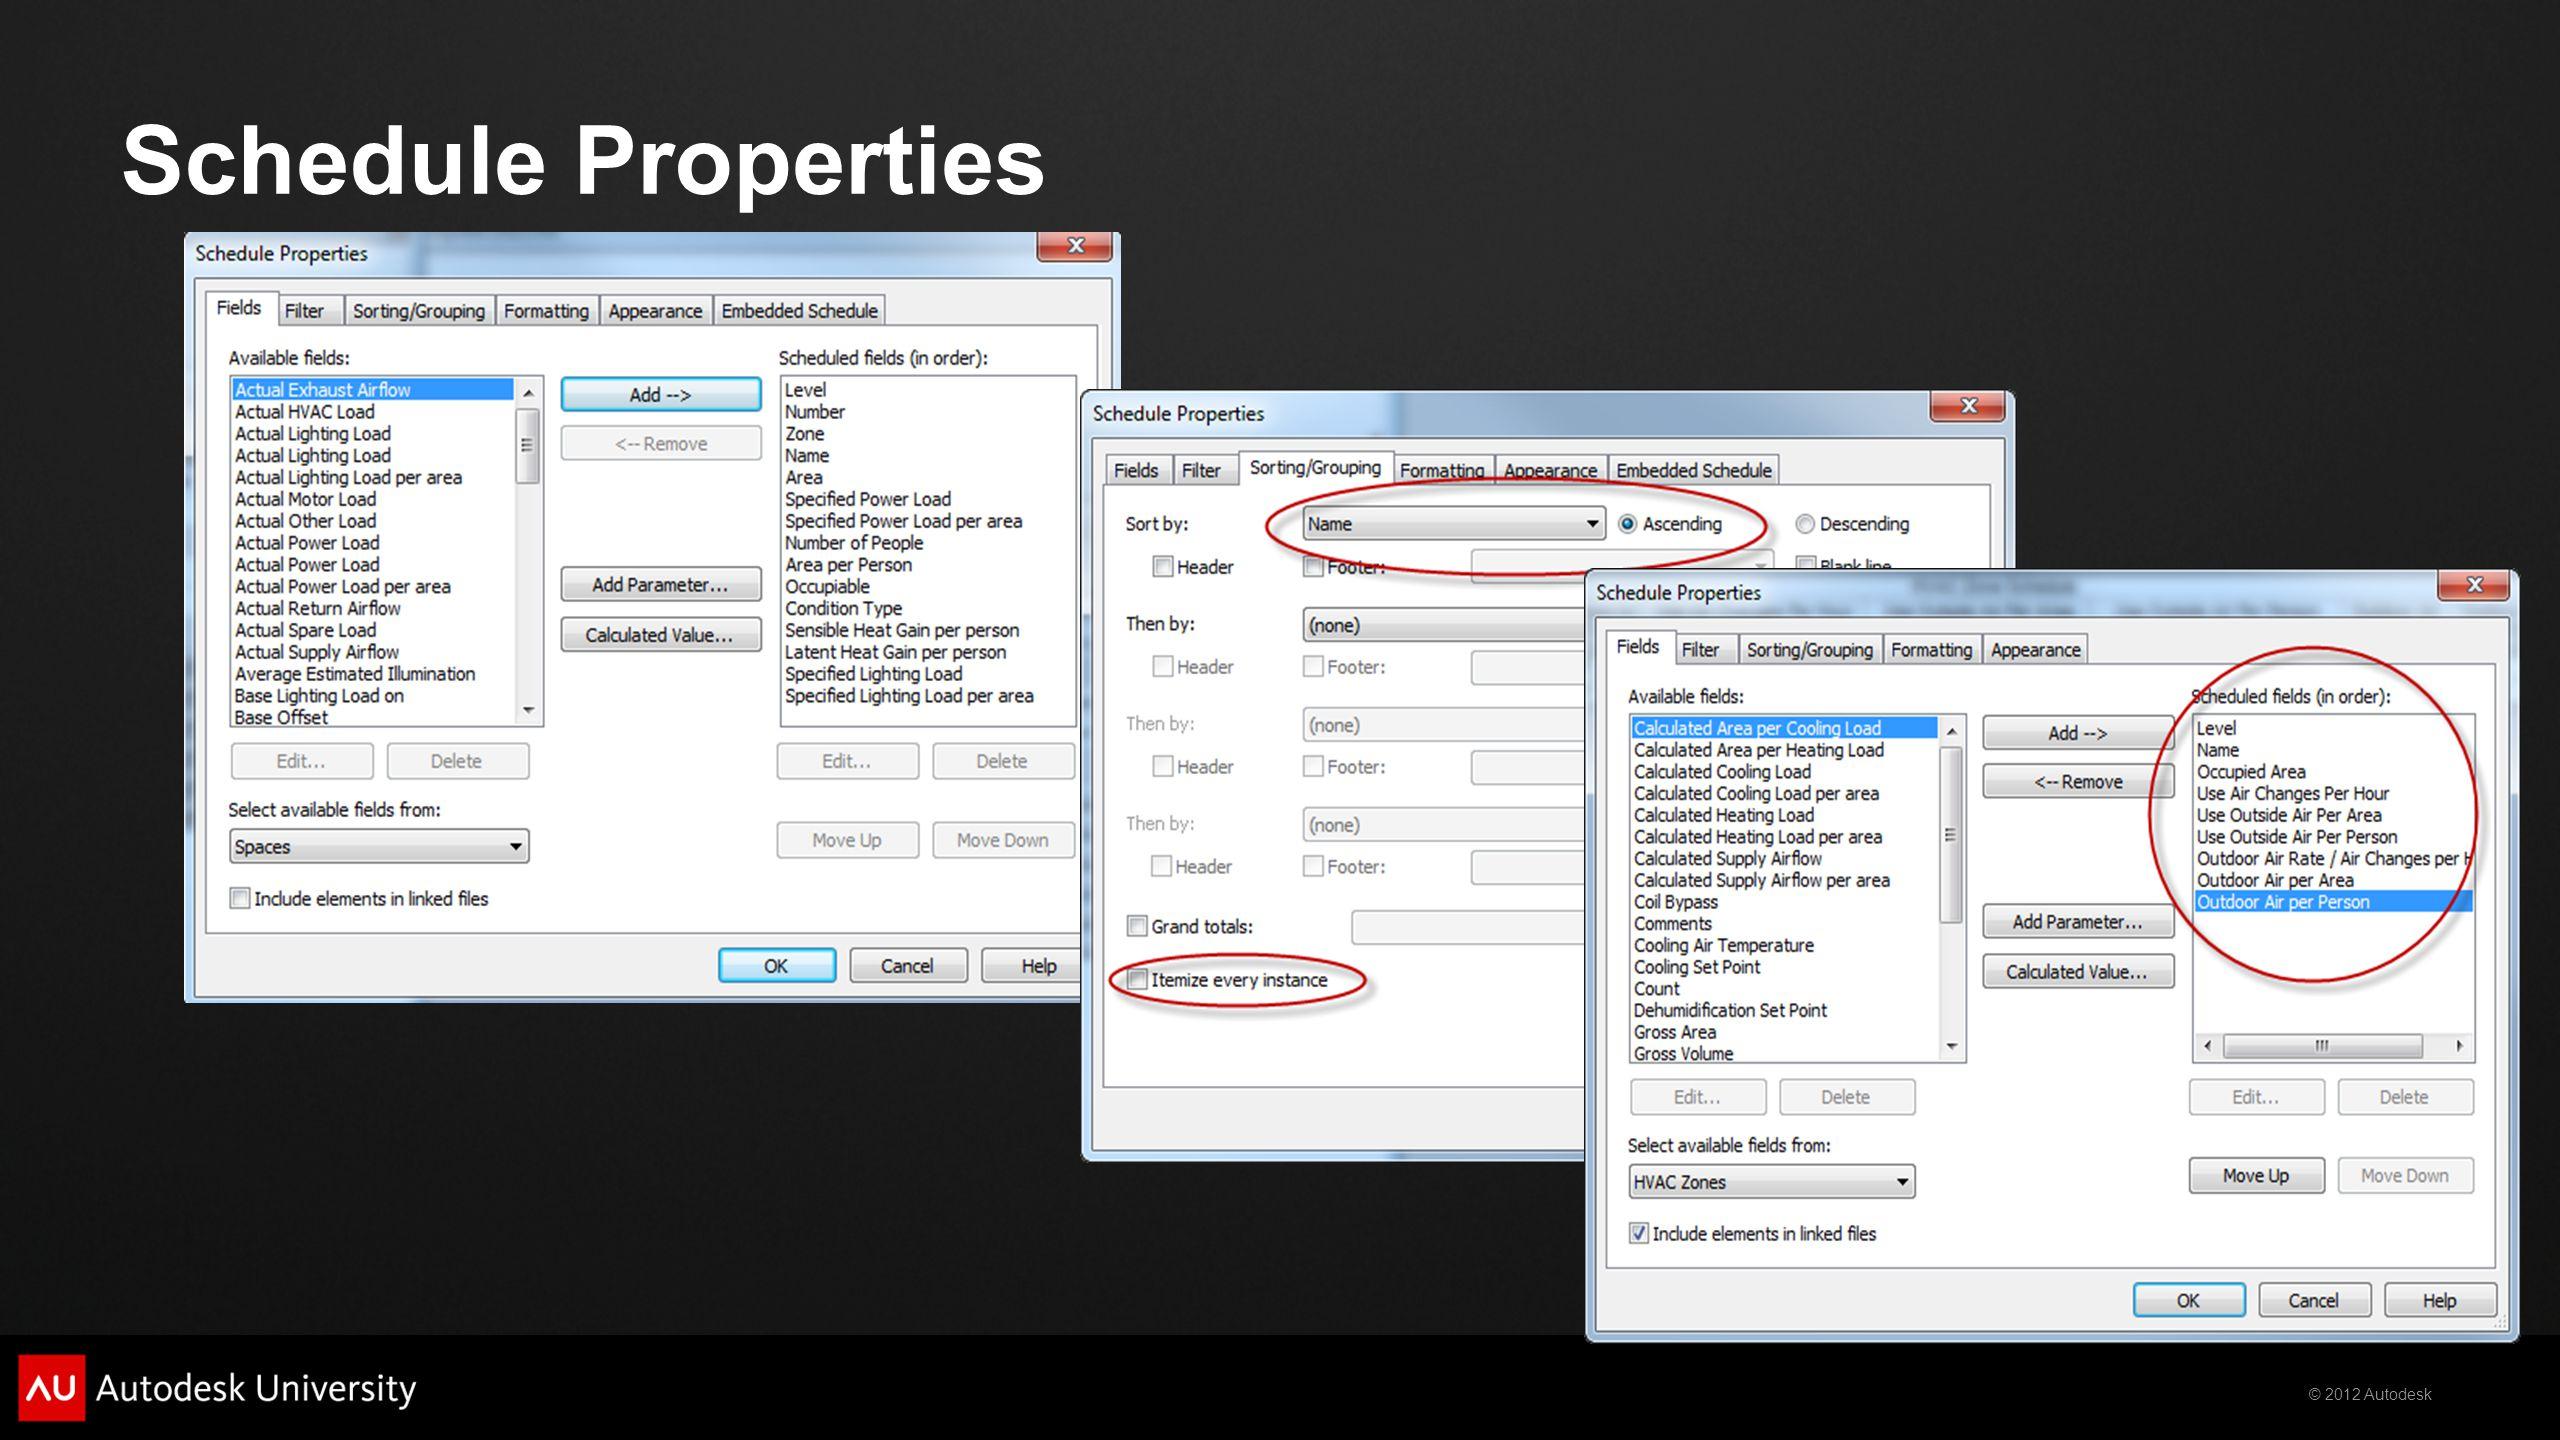 Schedule Properties